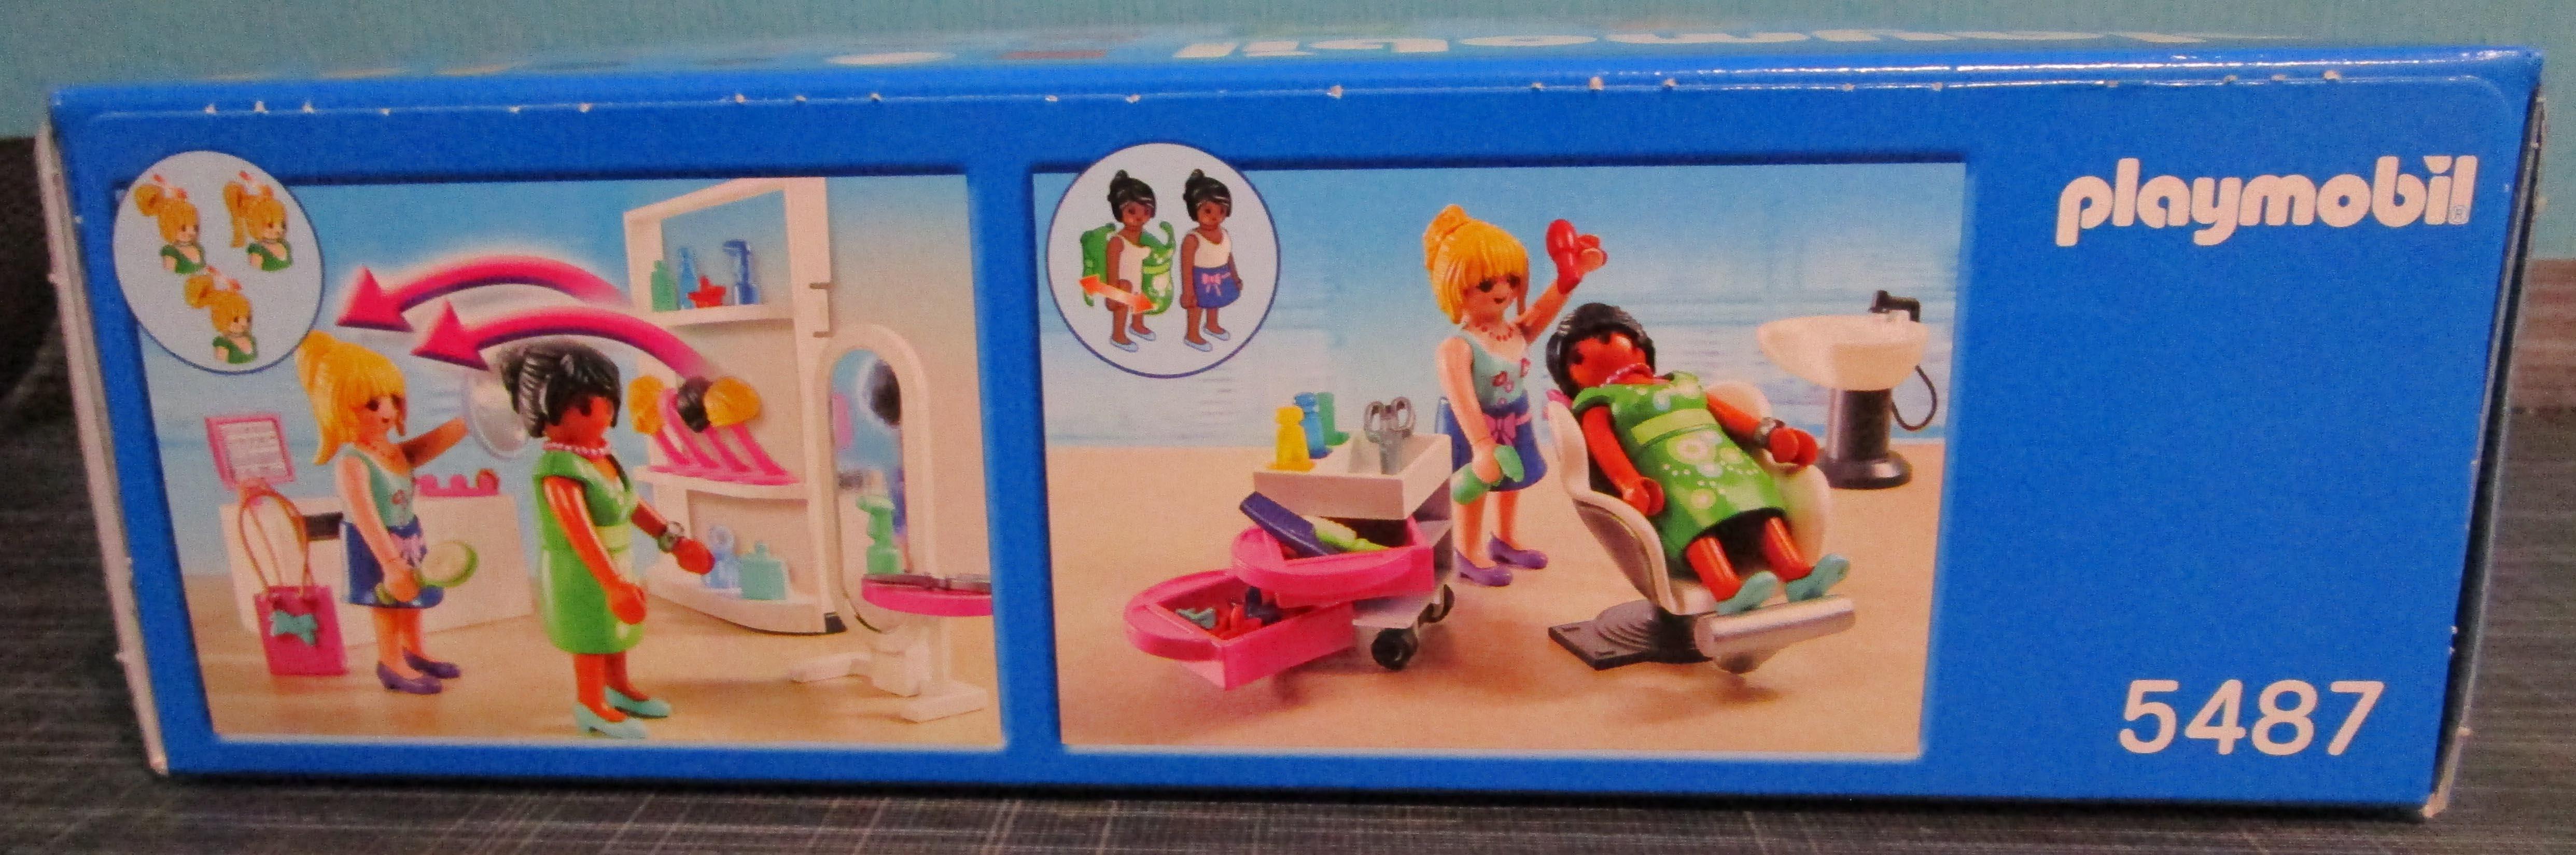 Playmobil 5487 Friseursalon Seite Playmobil Spielzeug im Vergleich: Friseursalon 4413 vs. Beauty Salon 5487   Rollenspiel Waschen, schneiden, fönen   bitte